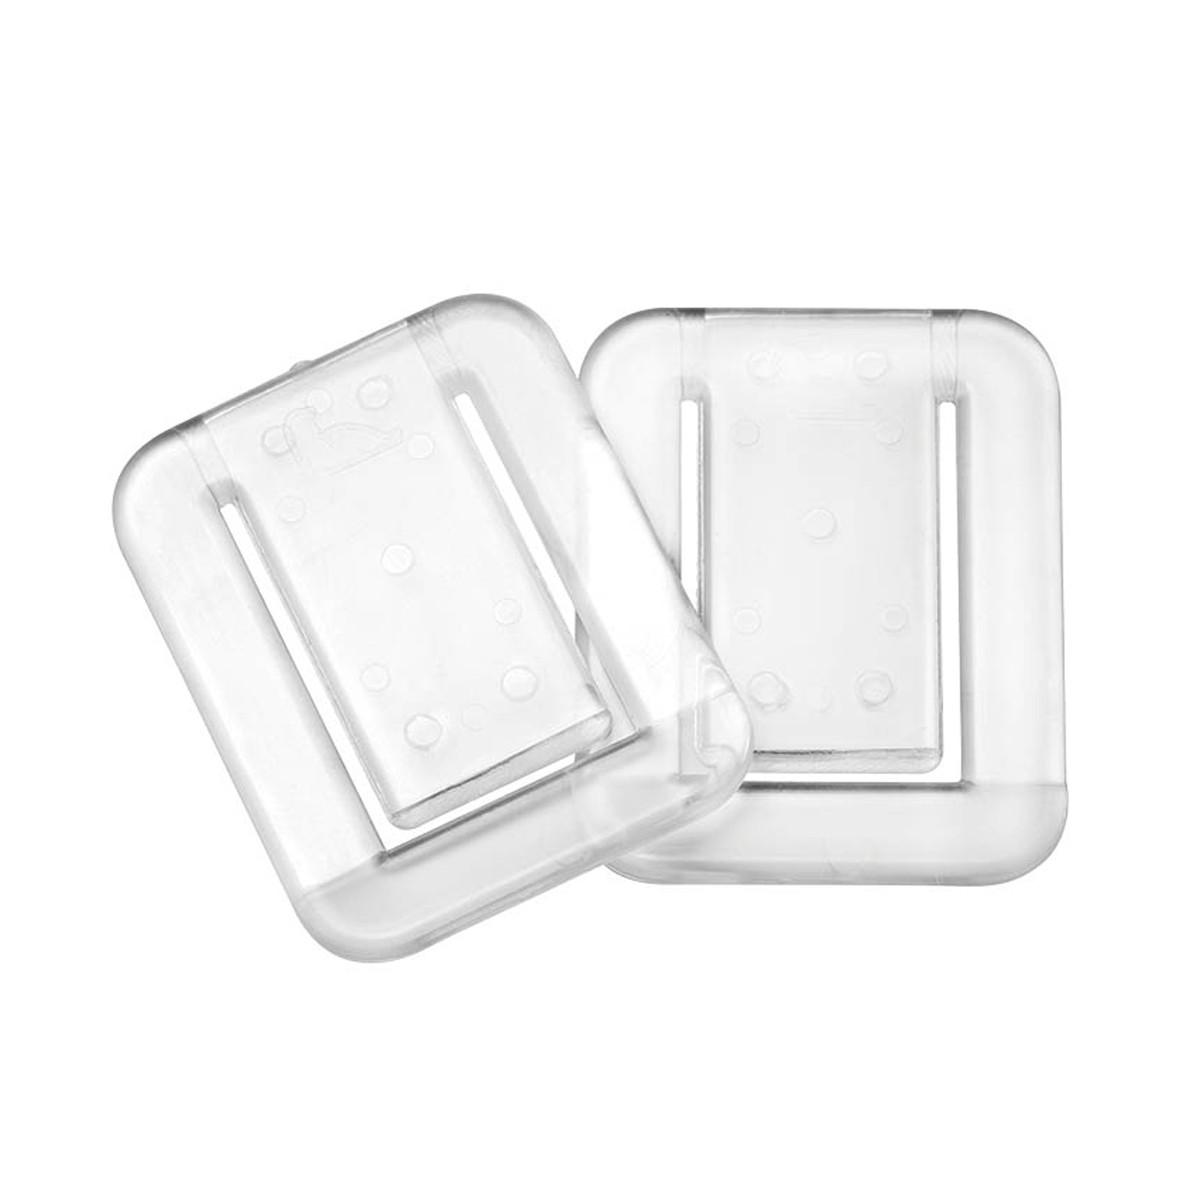 Στηρίγματα Σταθεροπoίησης Κουρτίνας Μπάνιου (Σετ 2τμχ) SealSkin Fix Clear